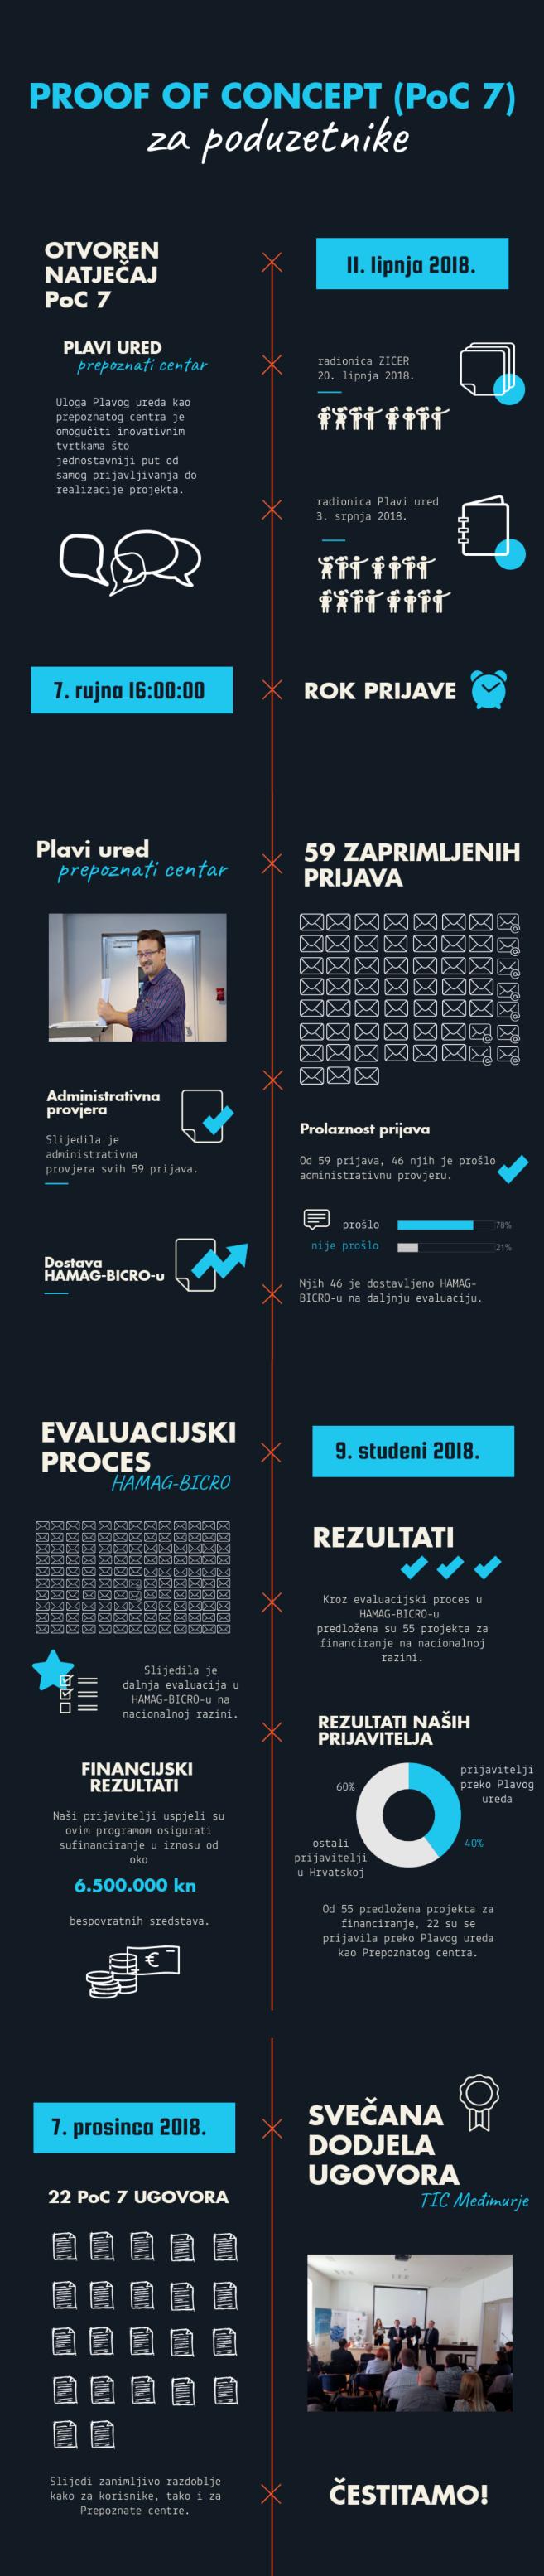 PoC 7 za poduzetnike plavi ured rezultati